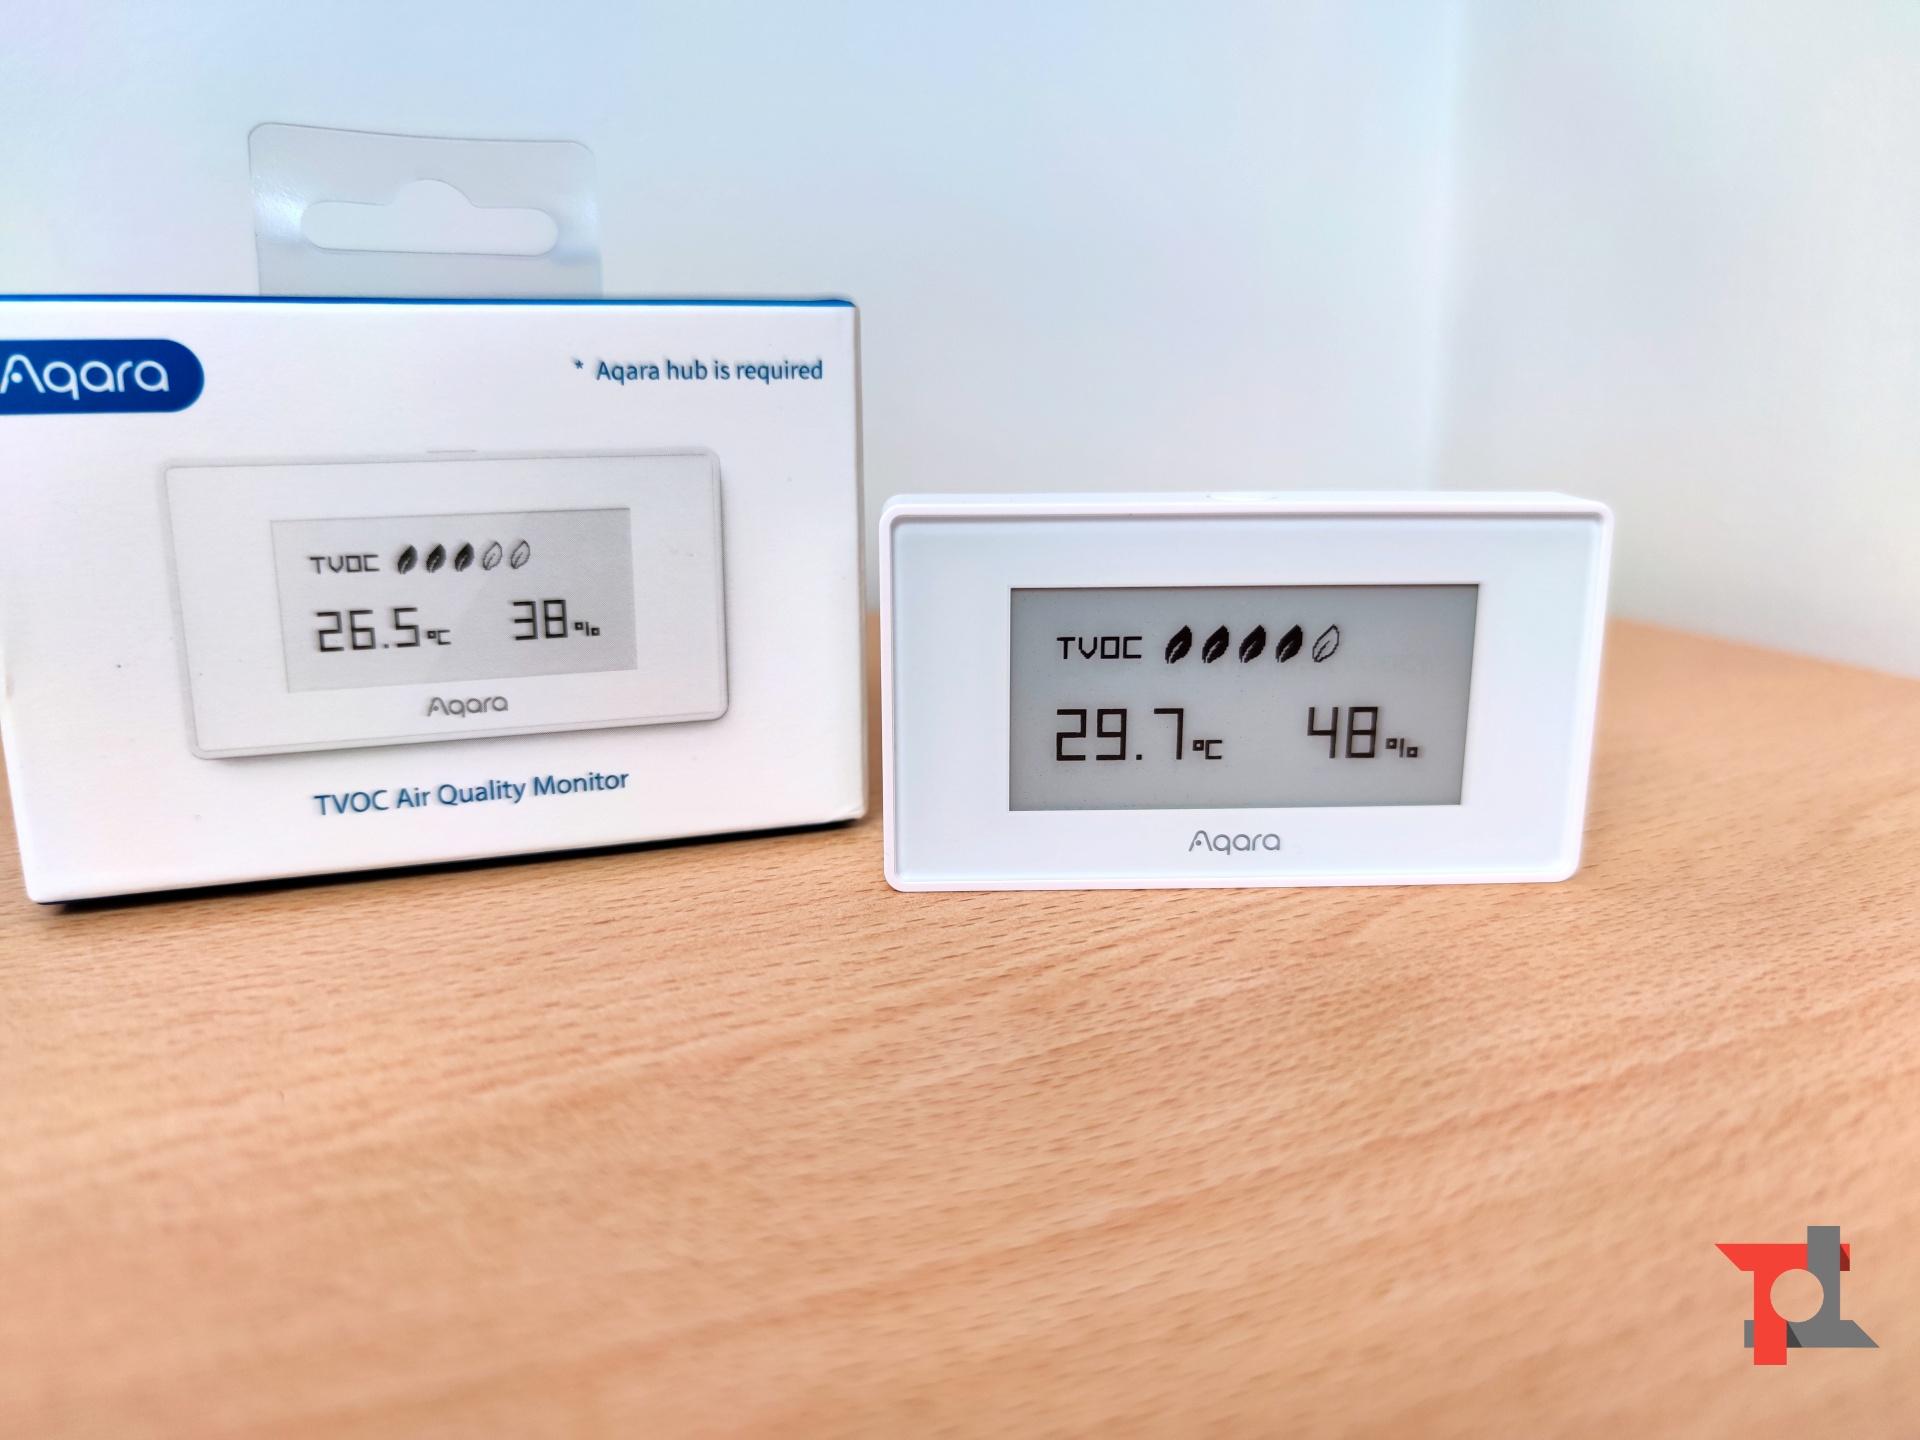 Recensione Aqara Camera Hub G2H e TVOC Air Quality Monitor, la smart home è ancora più semplice 8